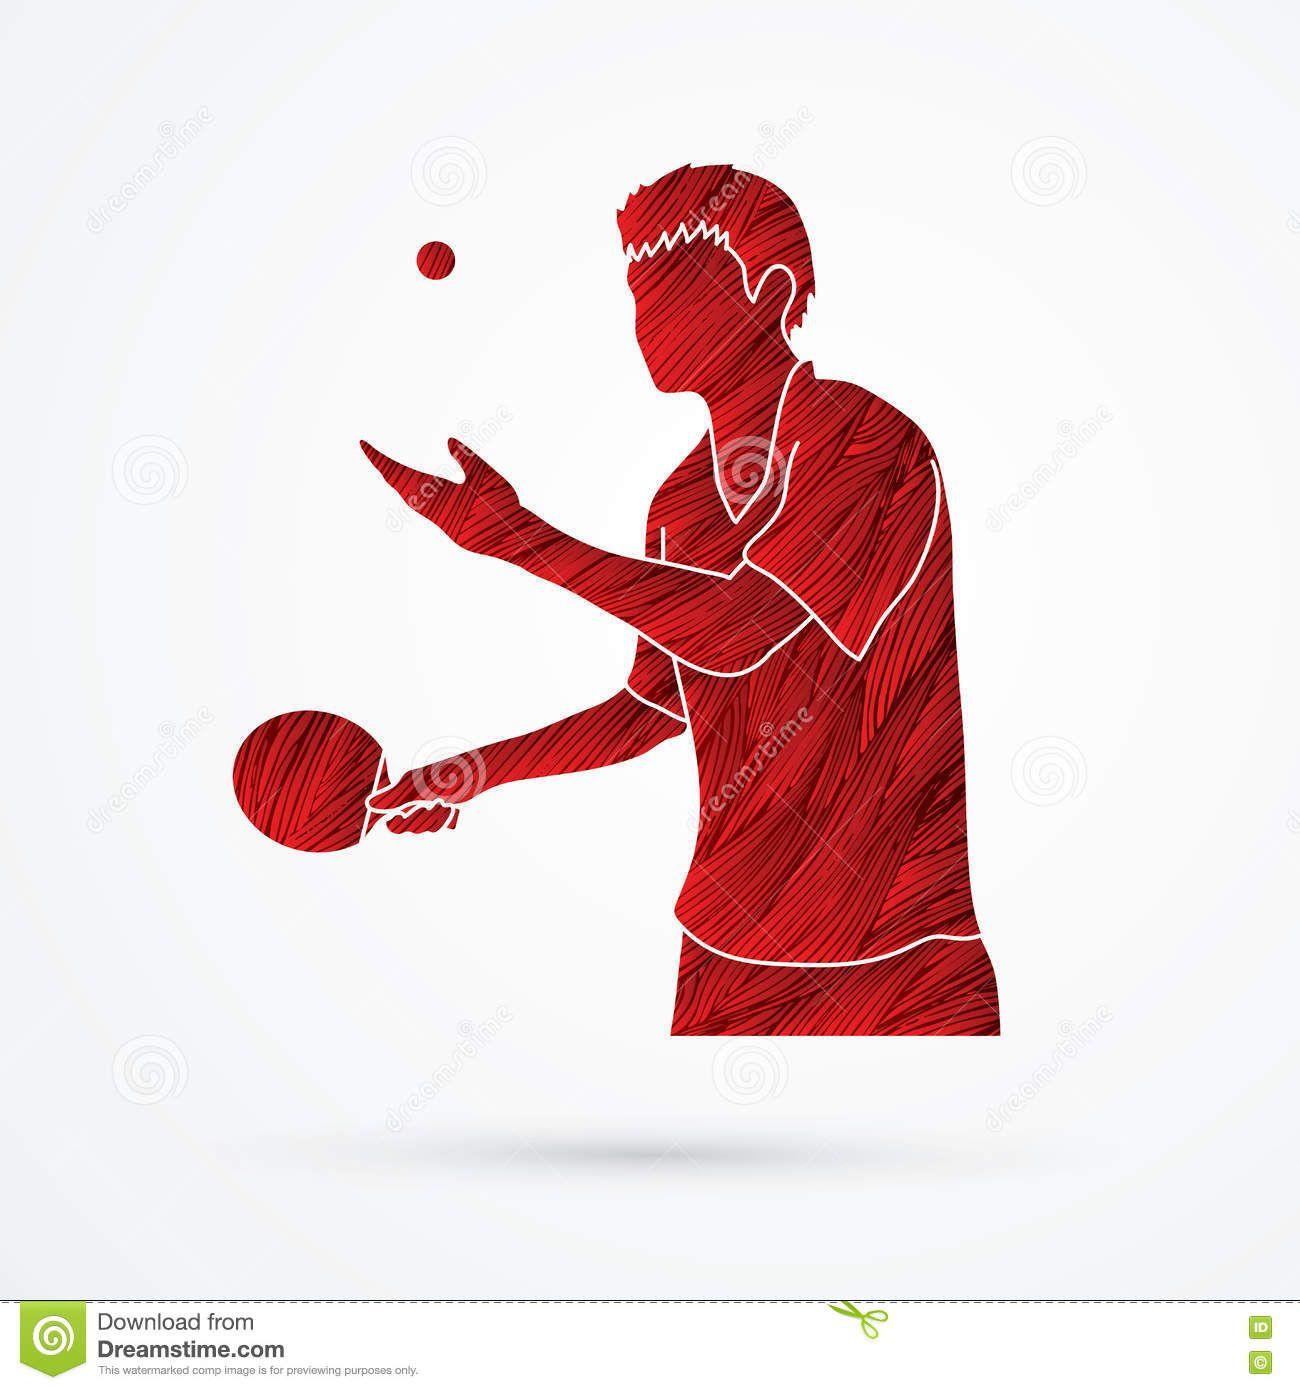 Foto Acerca El Jugador De Tenis De Mesa Diseno Usando Vector Rojo Del Grafico Del Cepillo Del Grunge Ilustracion De Quemadura Mesa De Tennis Ping Pong Tenis